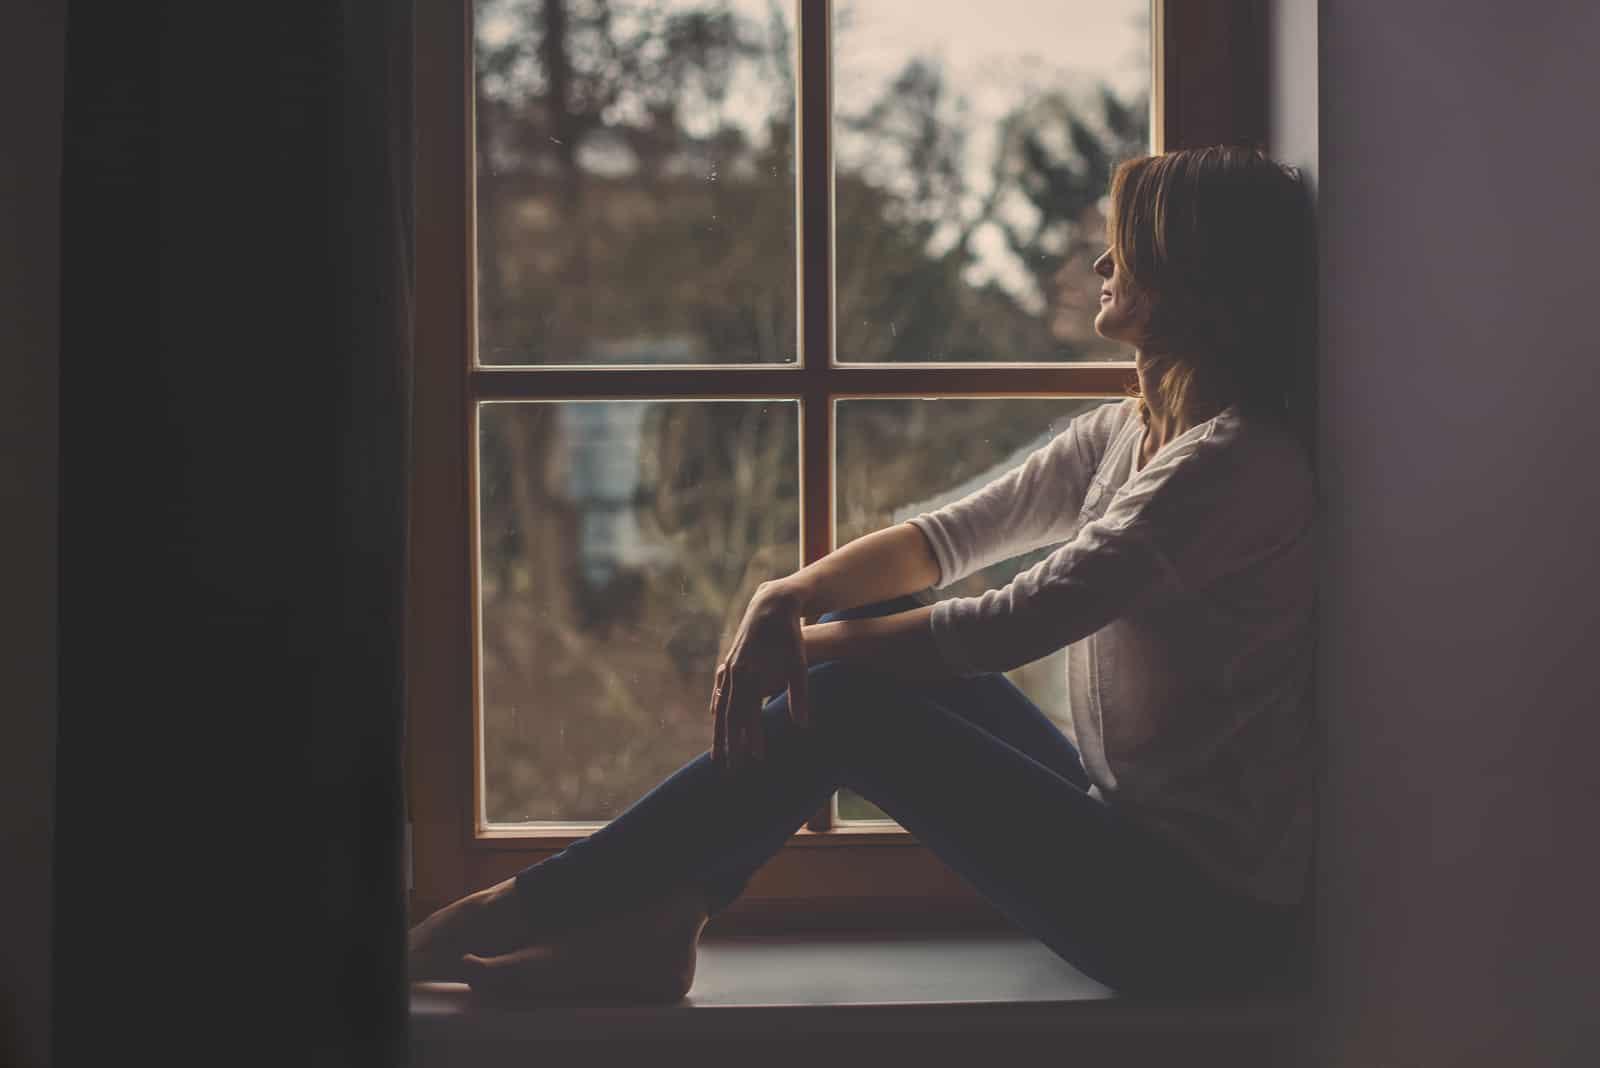 Junge attraktive Frau, die auf einem Fenster sitzt